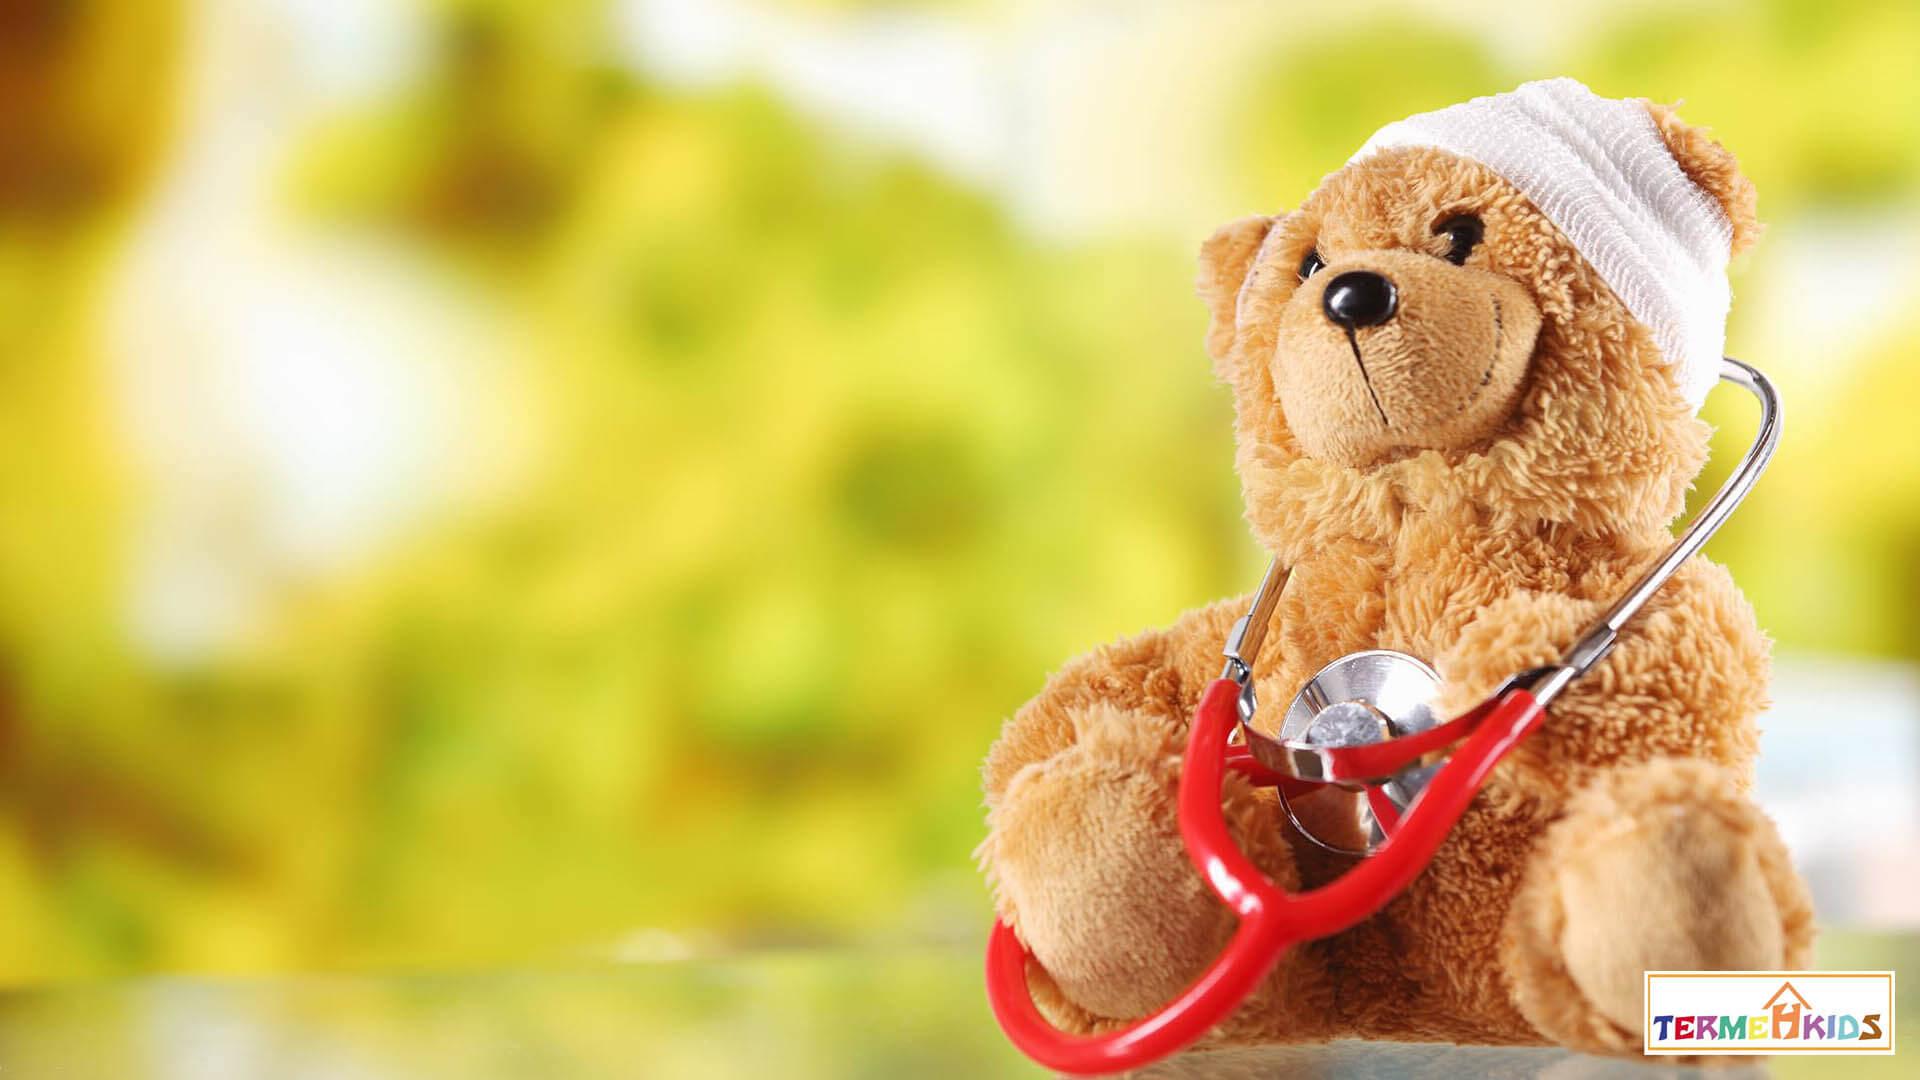 علت ترس کودکان از دکتر چیست؟